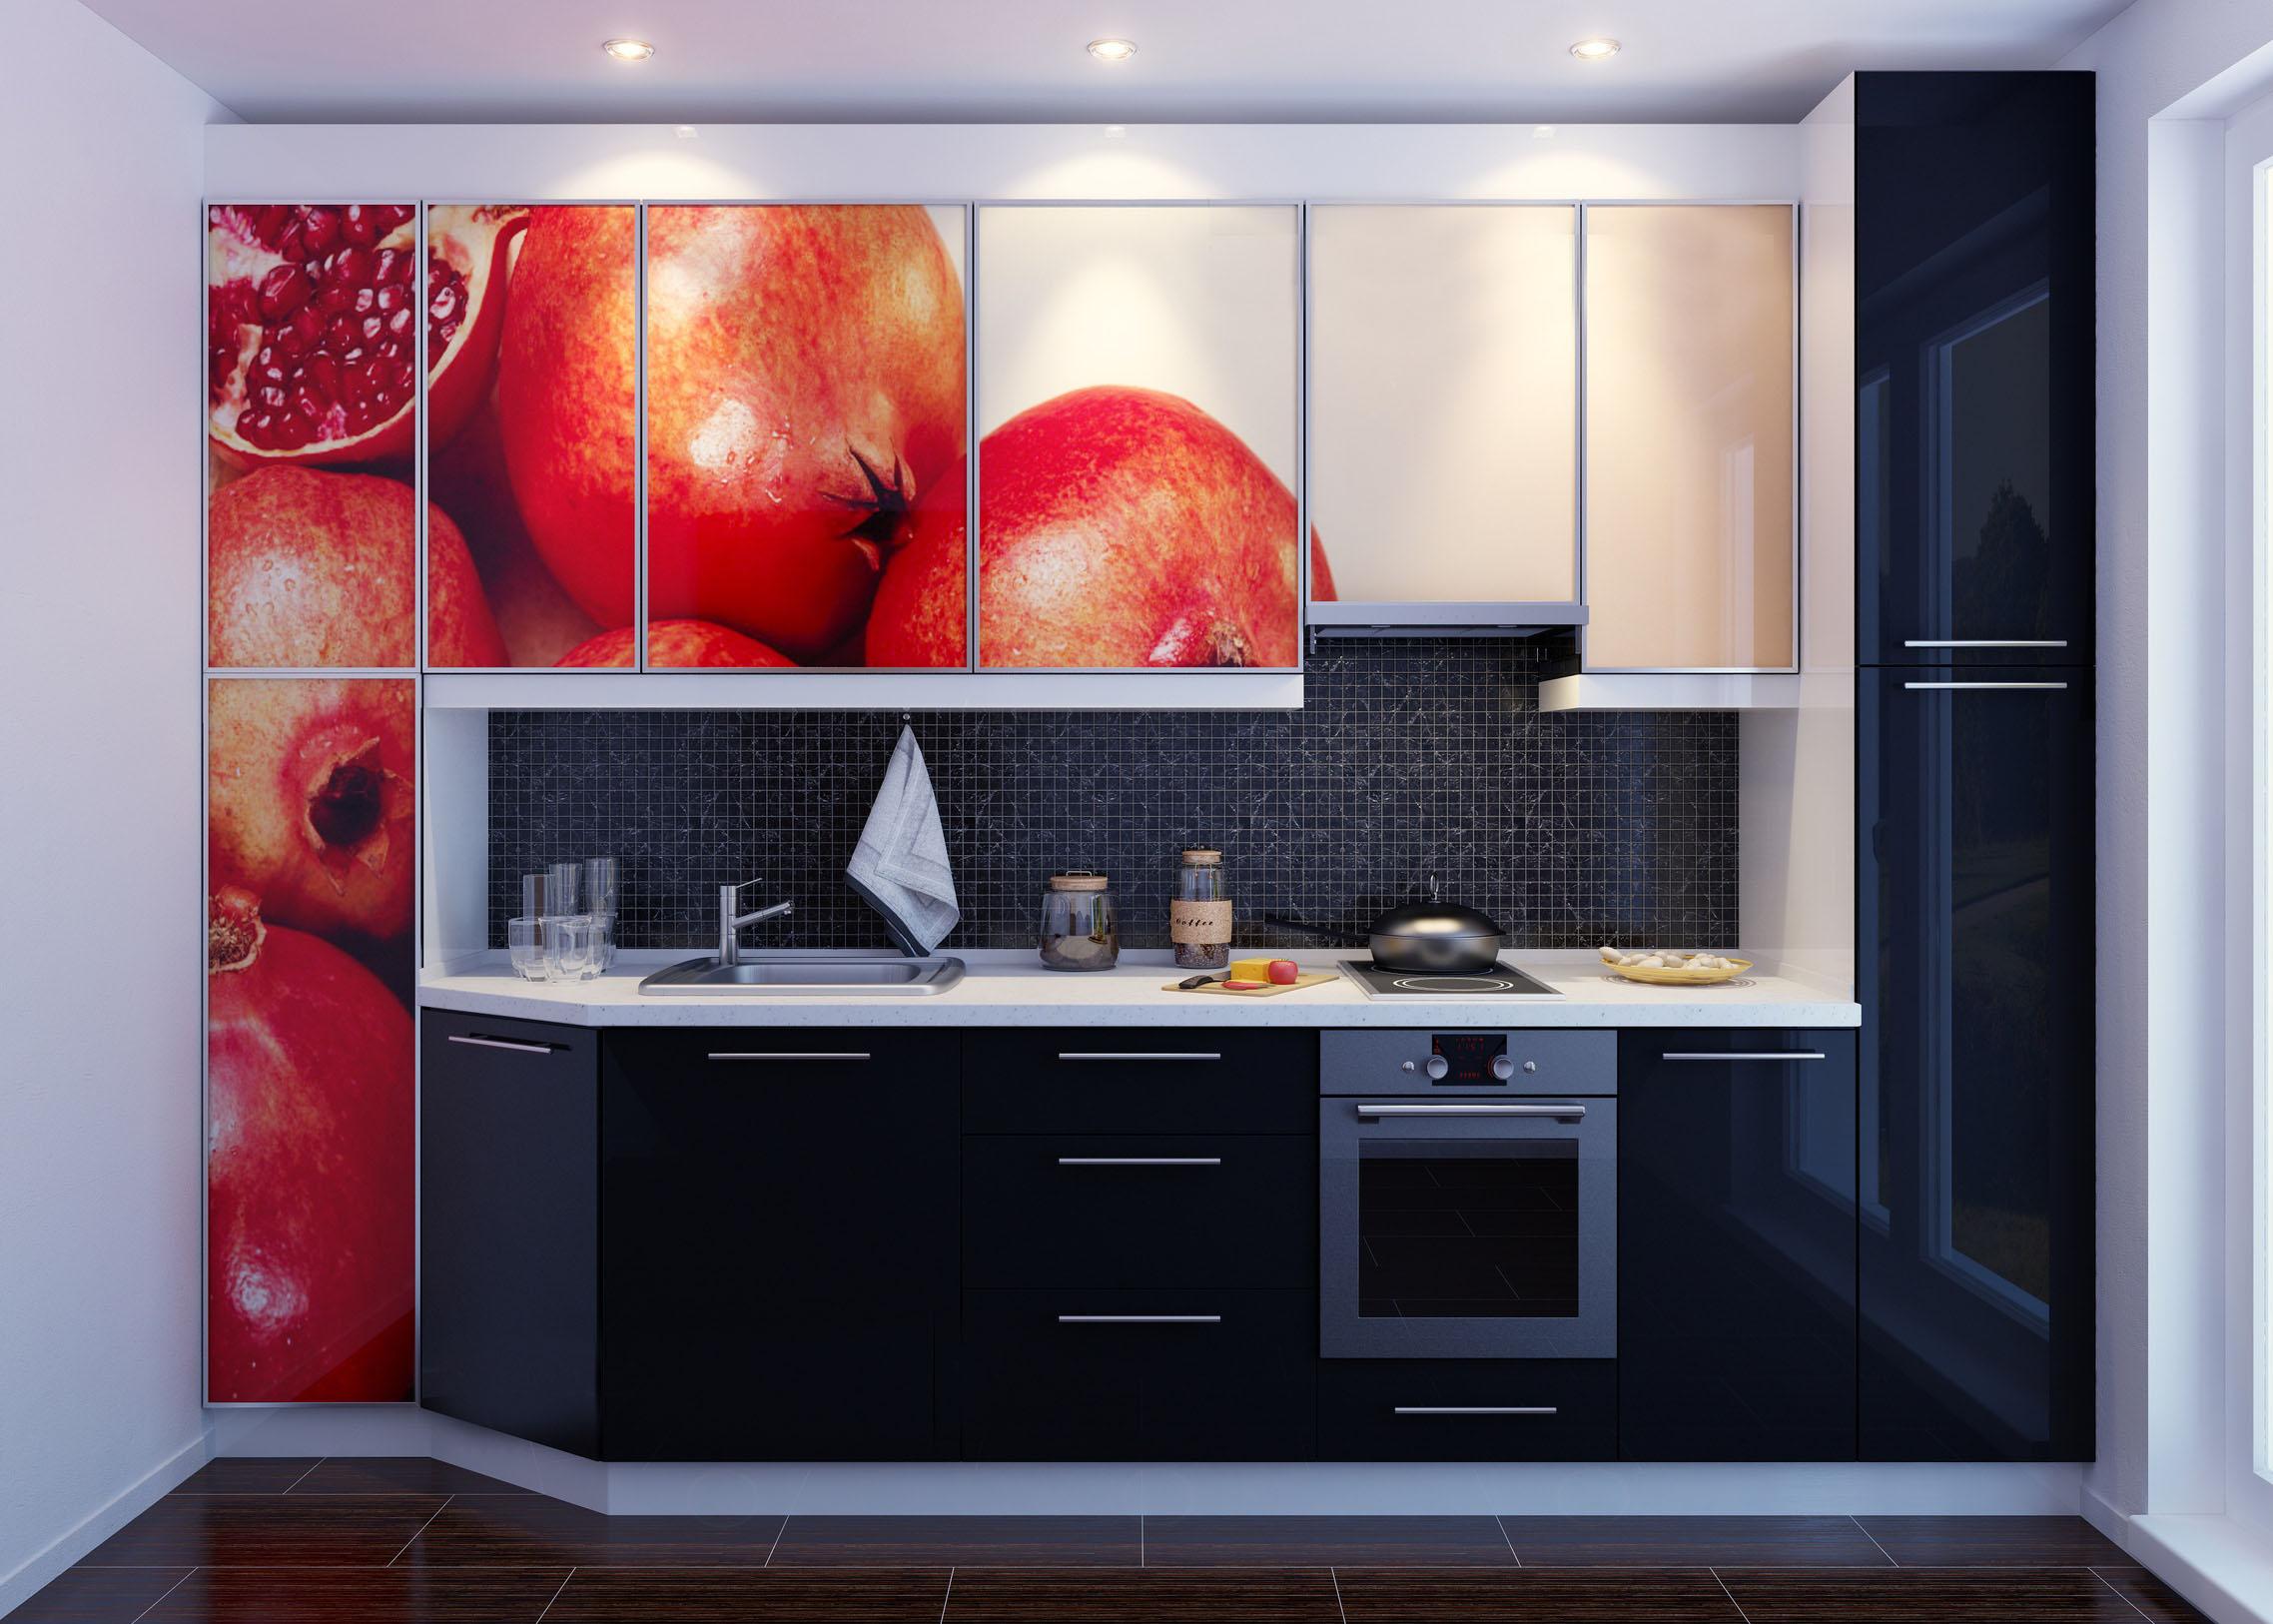 Пластиковый фасад кухонной мебели с 3D рисунком